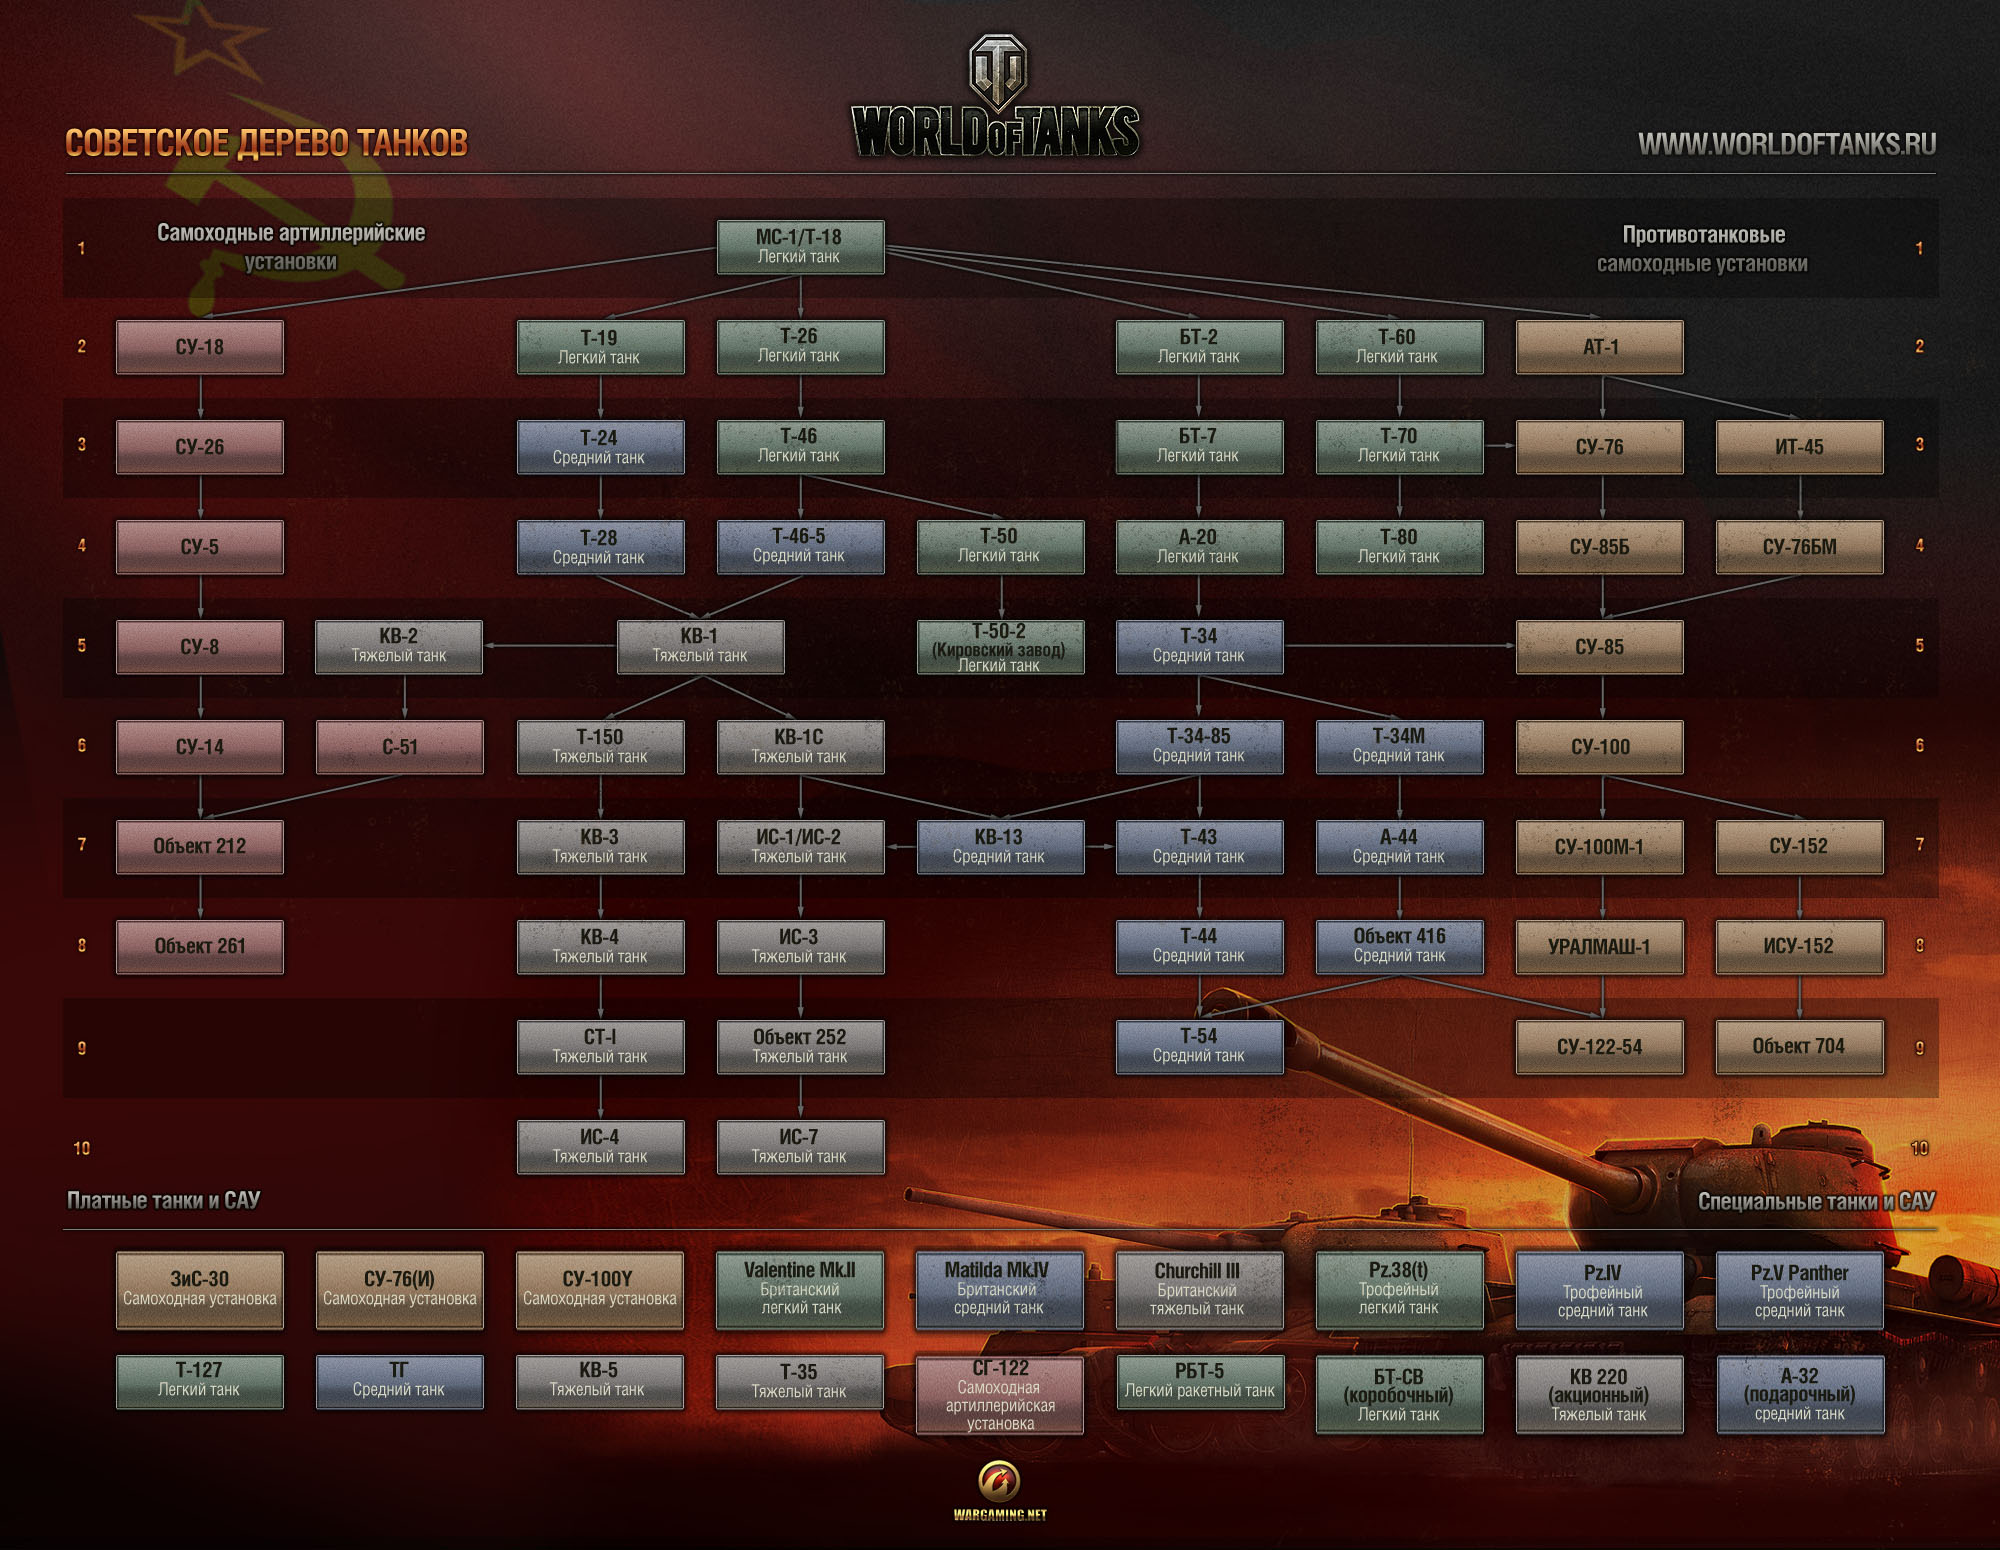 Как купить слот в мире танков - радио мира танков скачать